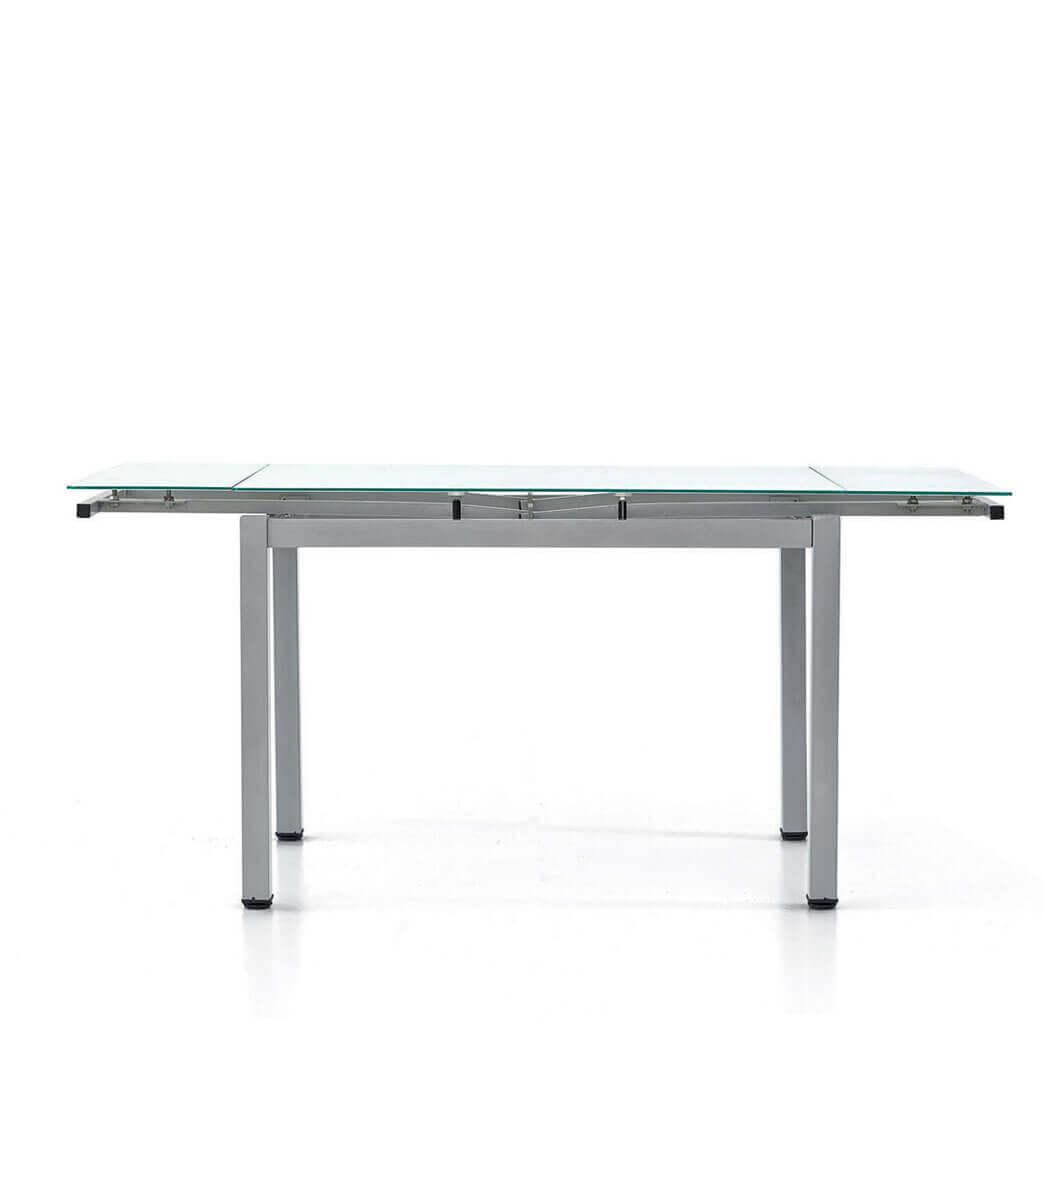 Tavolo Rettangolare Allungabile Piano In Vetro 68 Persone 110170 Cm Spazio Casa